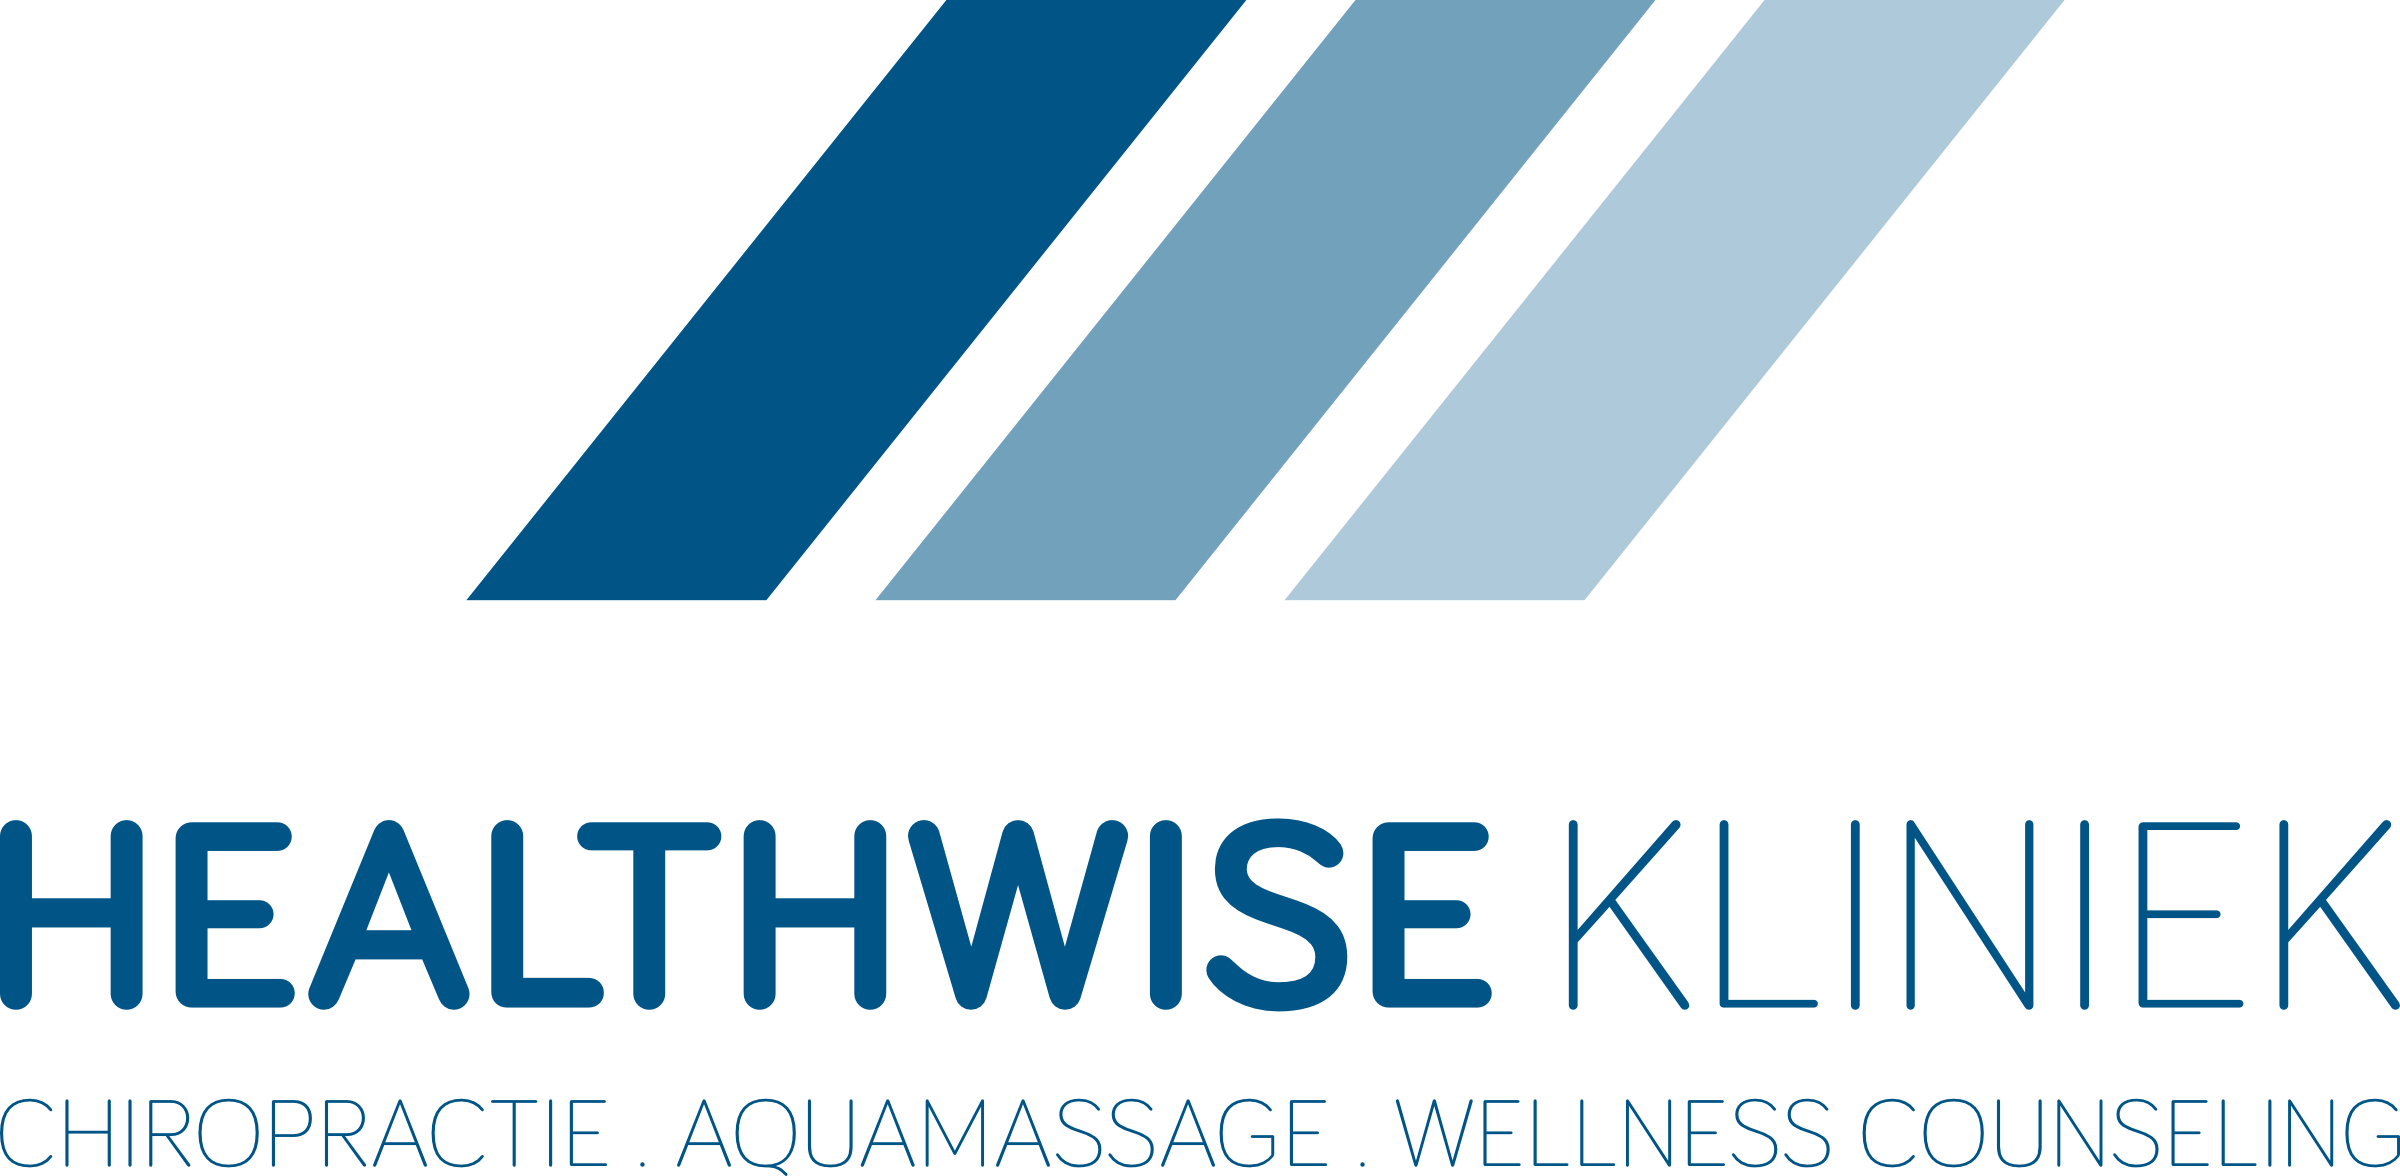 Healthwise Kliniek Chiropractie